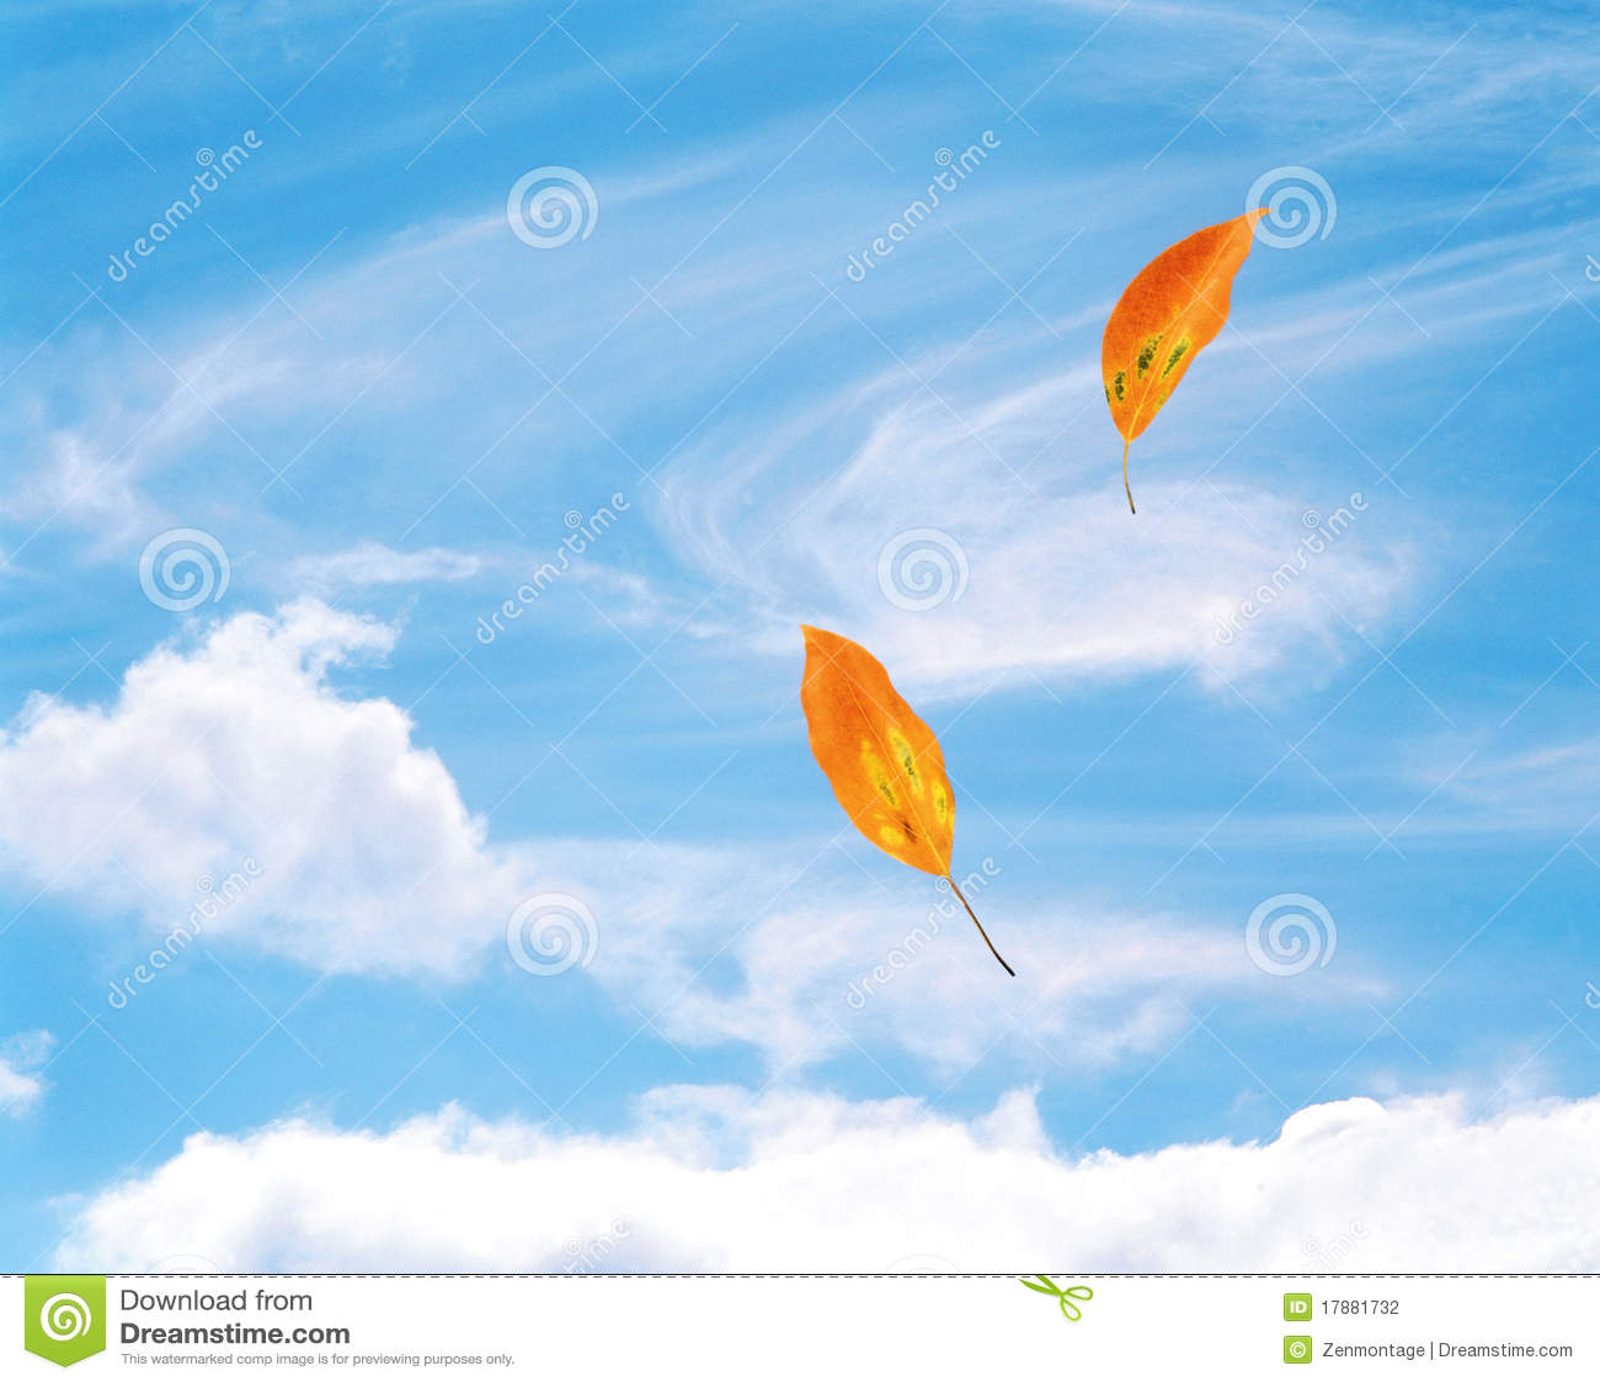 吹的叶子风